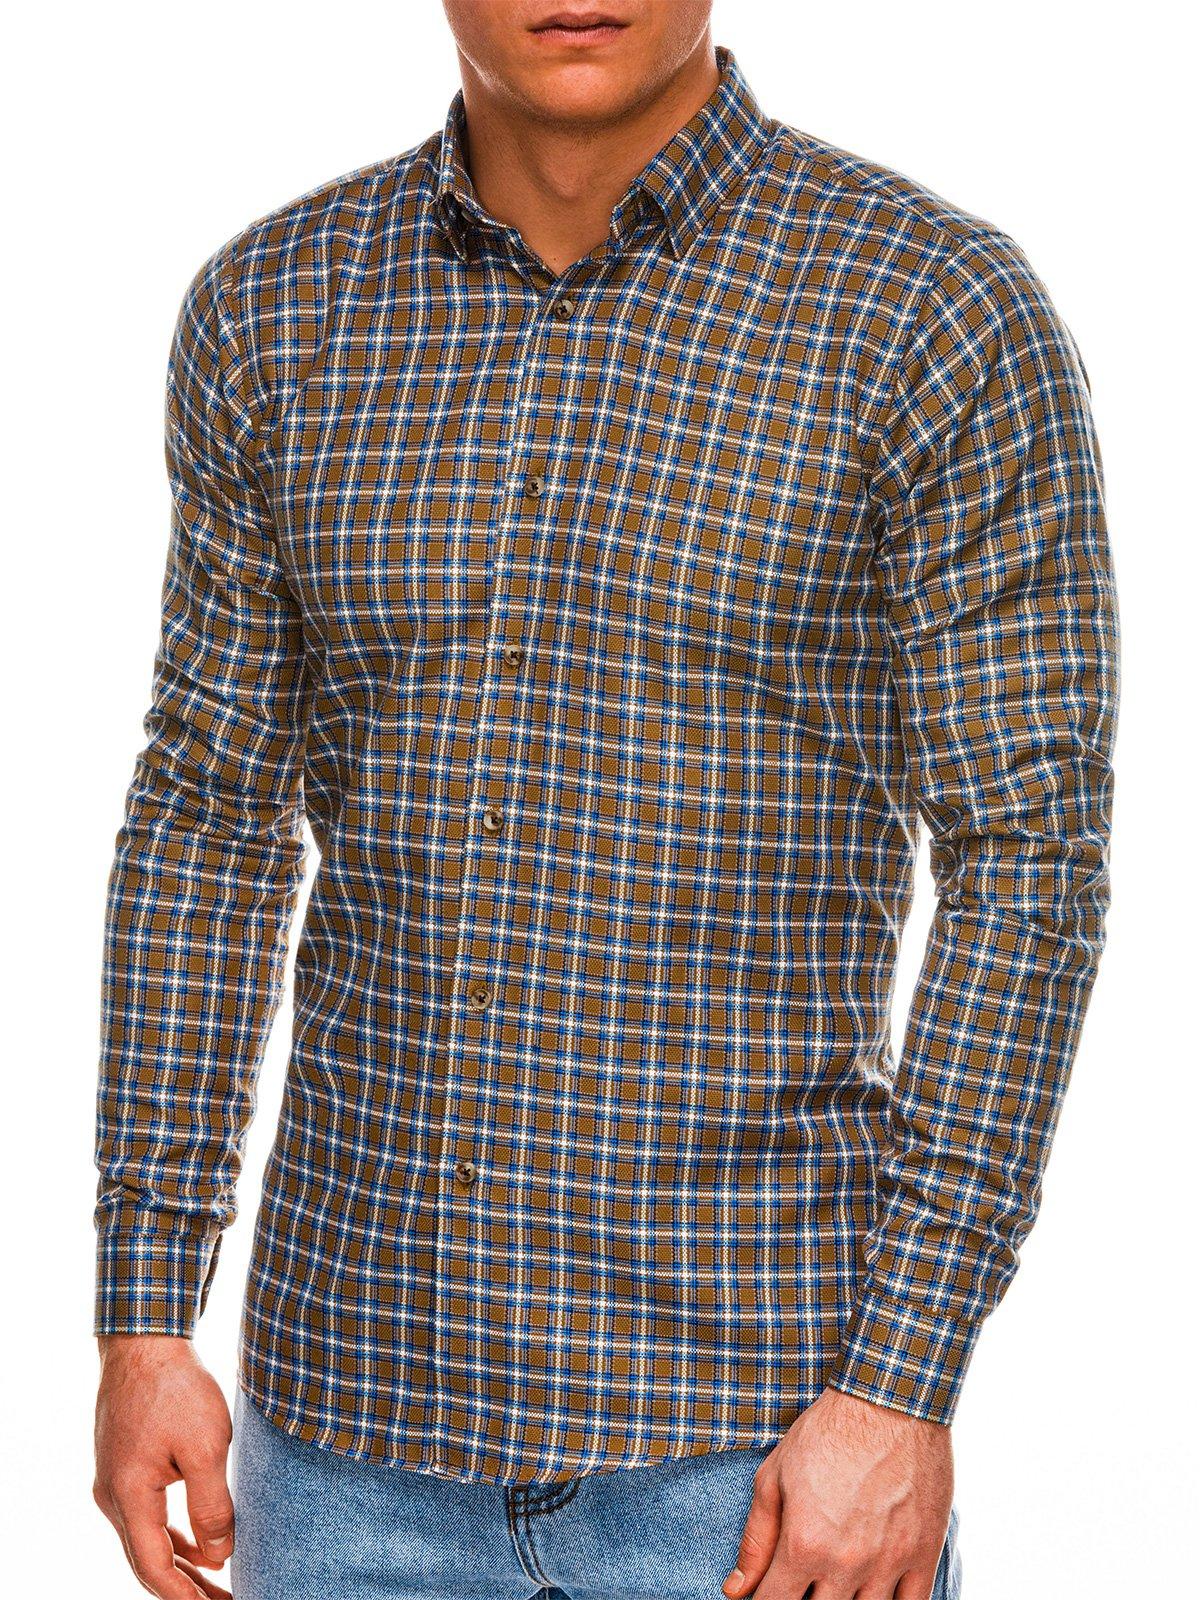 Koszula męska wkratę zdługim rękawem K520 - brązowa